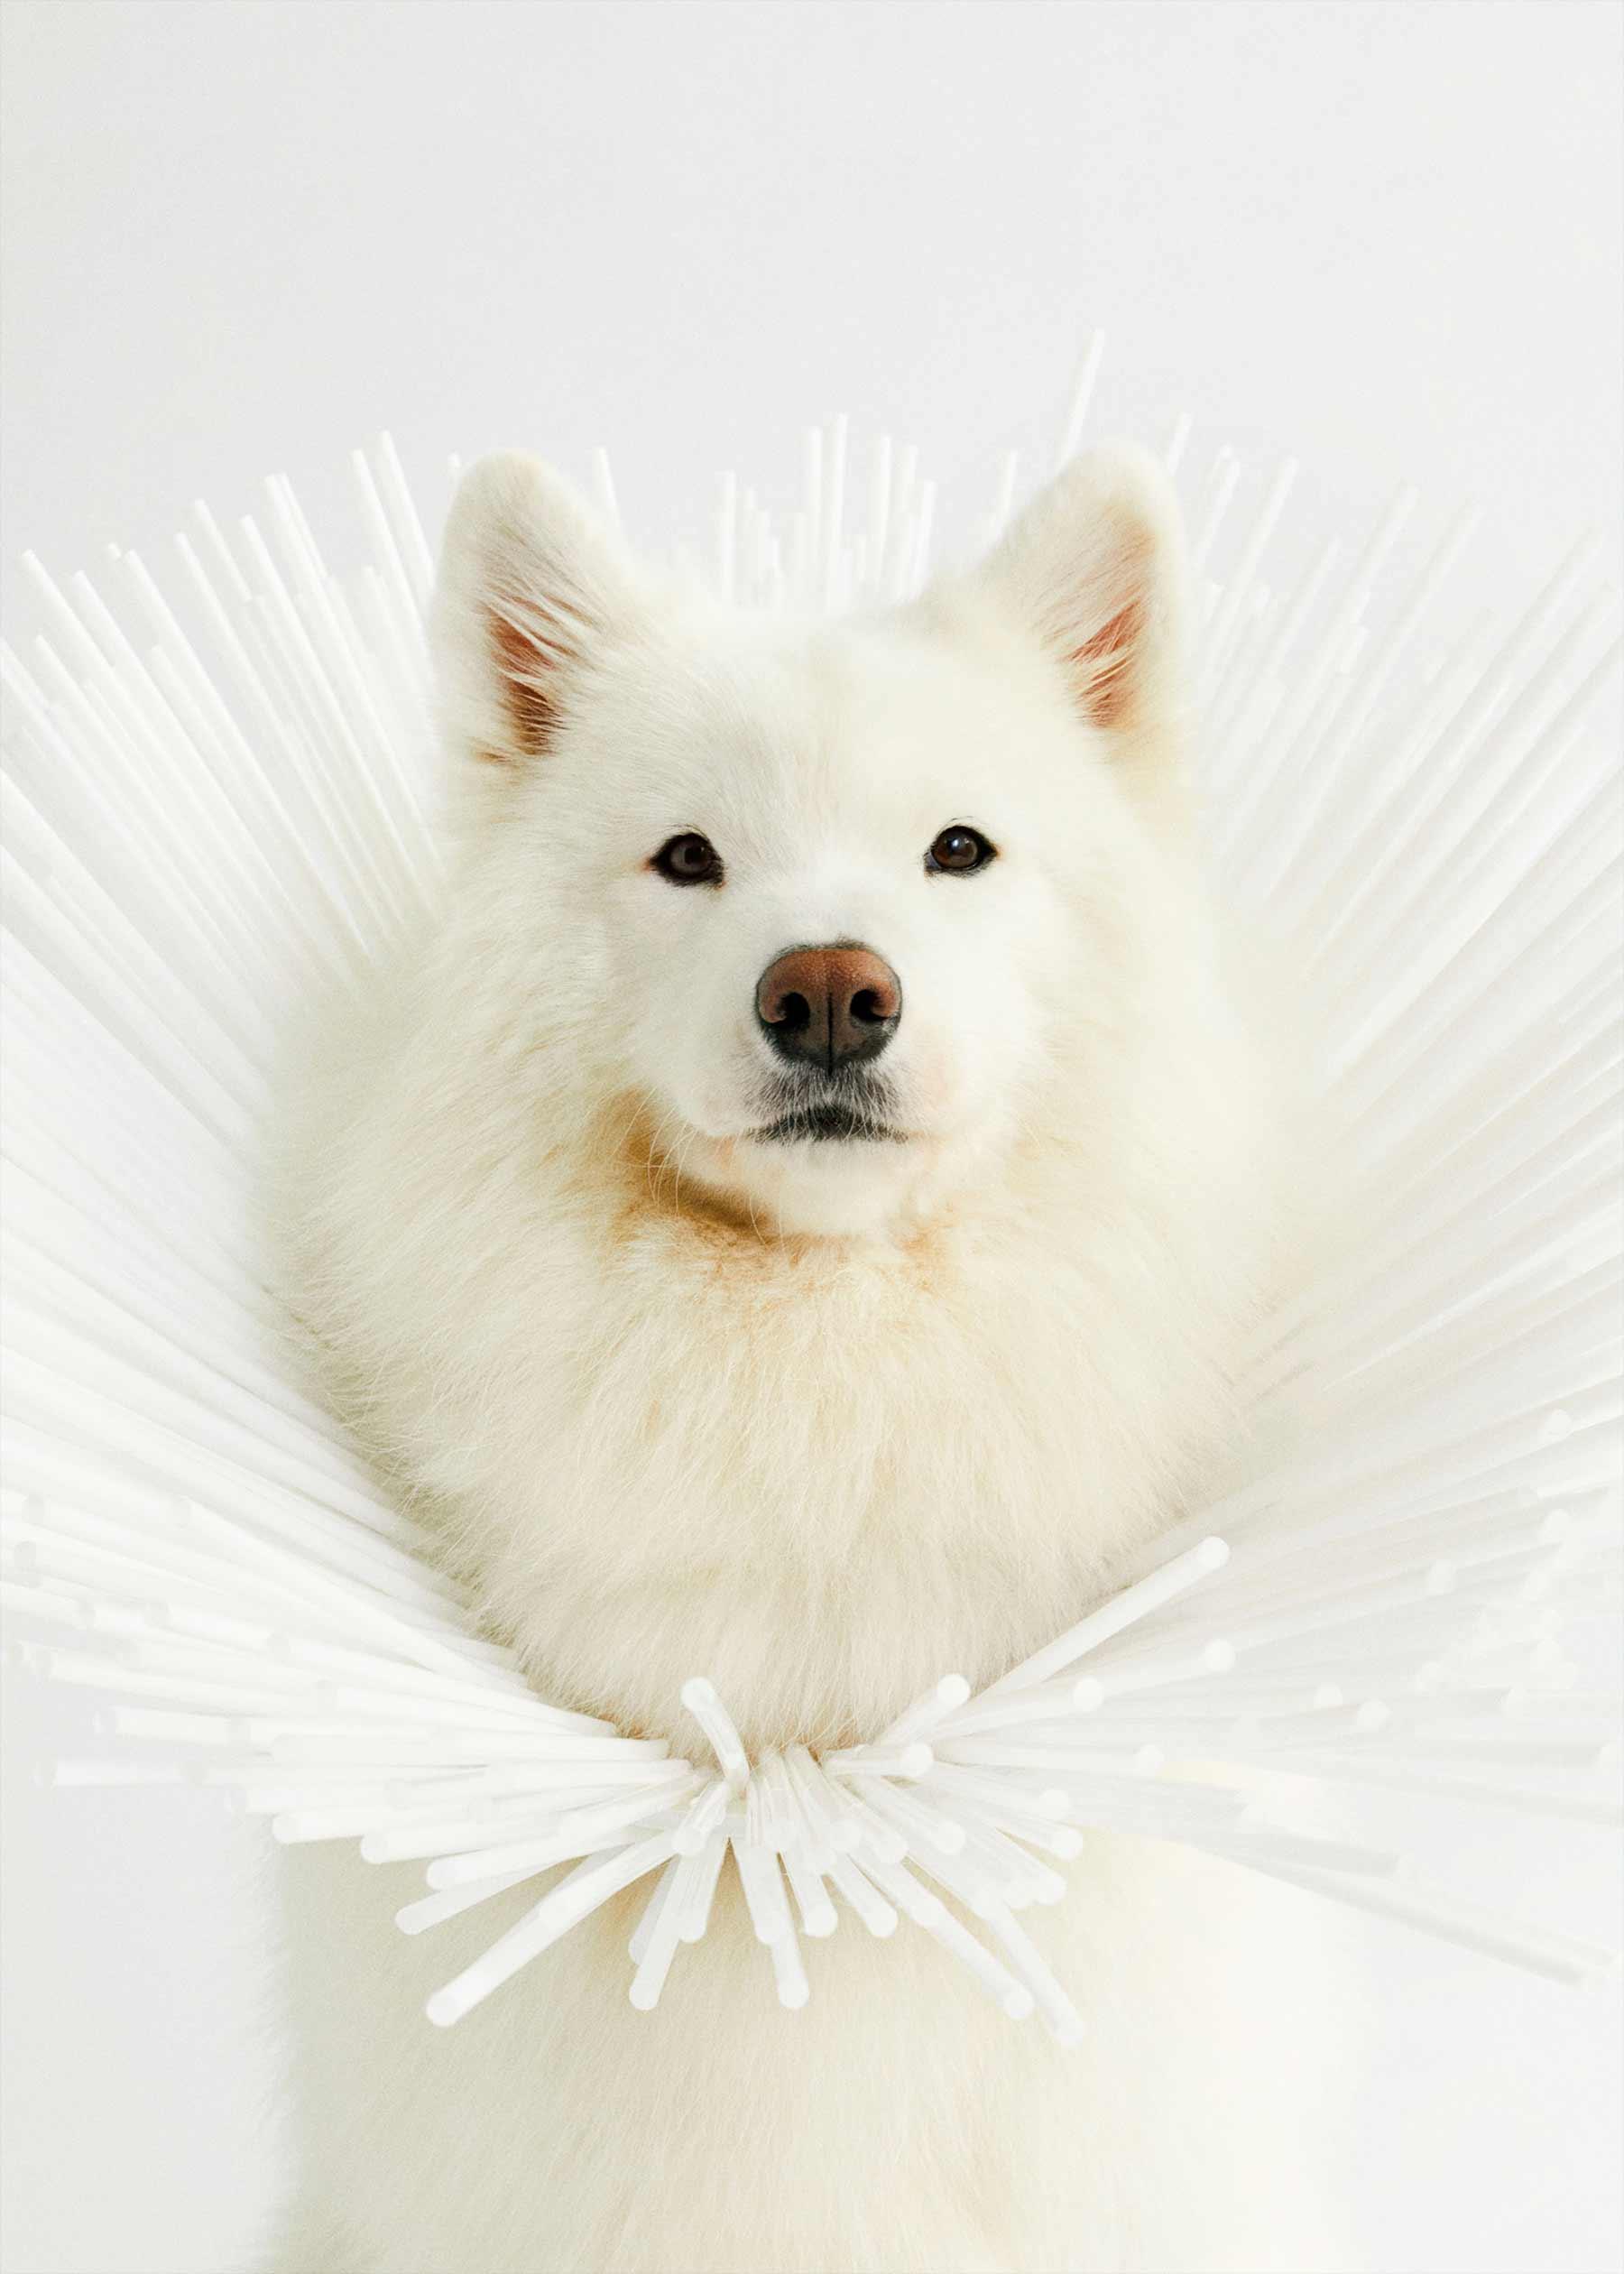 Ausgefallene Schutzkragen für Hunde cone-of-shame-winnie-au-Marie-yan-morvan_04